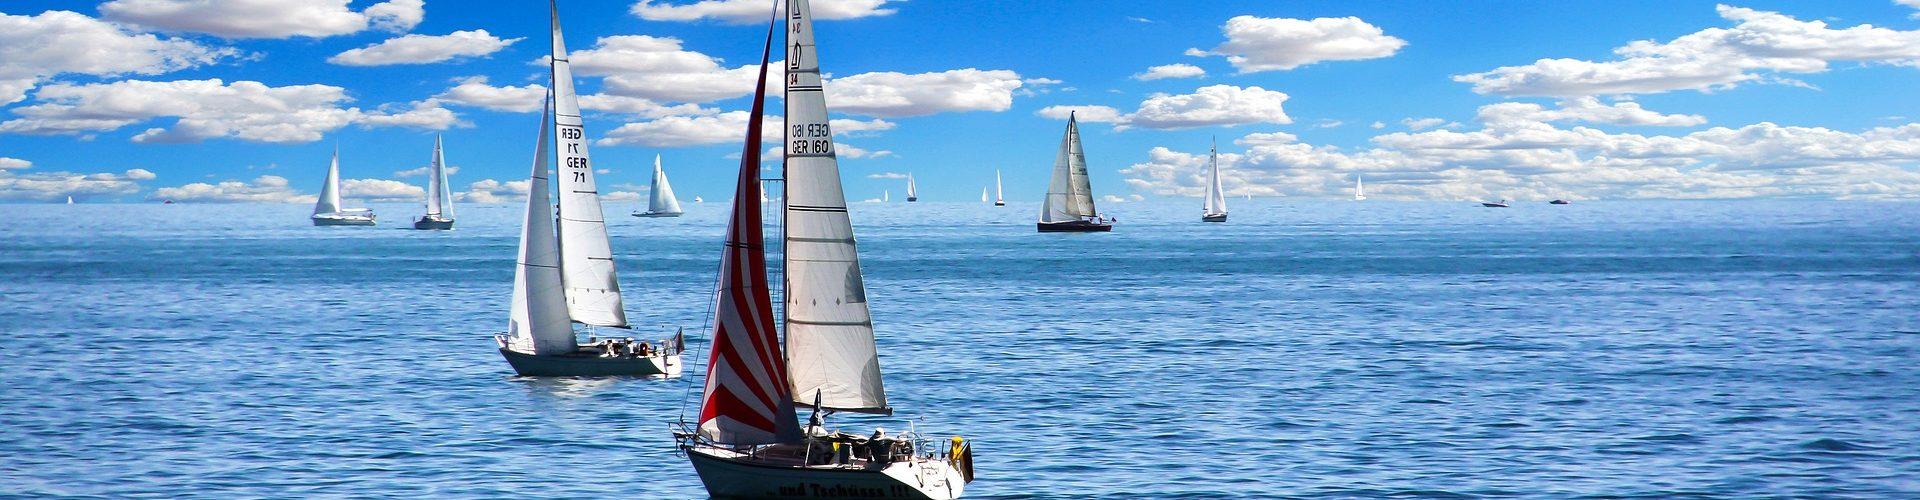 segeln lernen in Ketzin segelschein machen in Ketzin 1920x500 - Segeln lernen in Ketzin